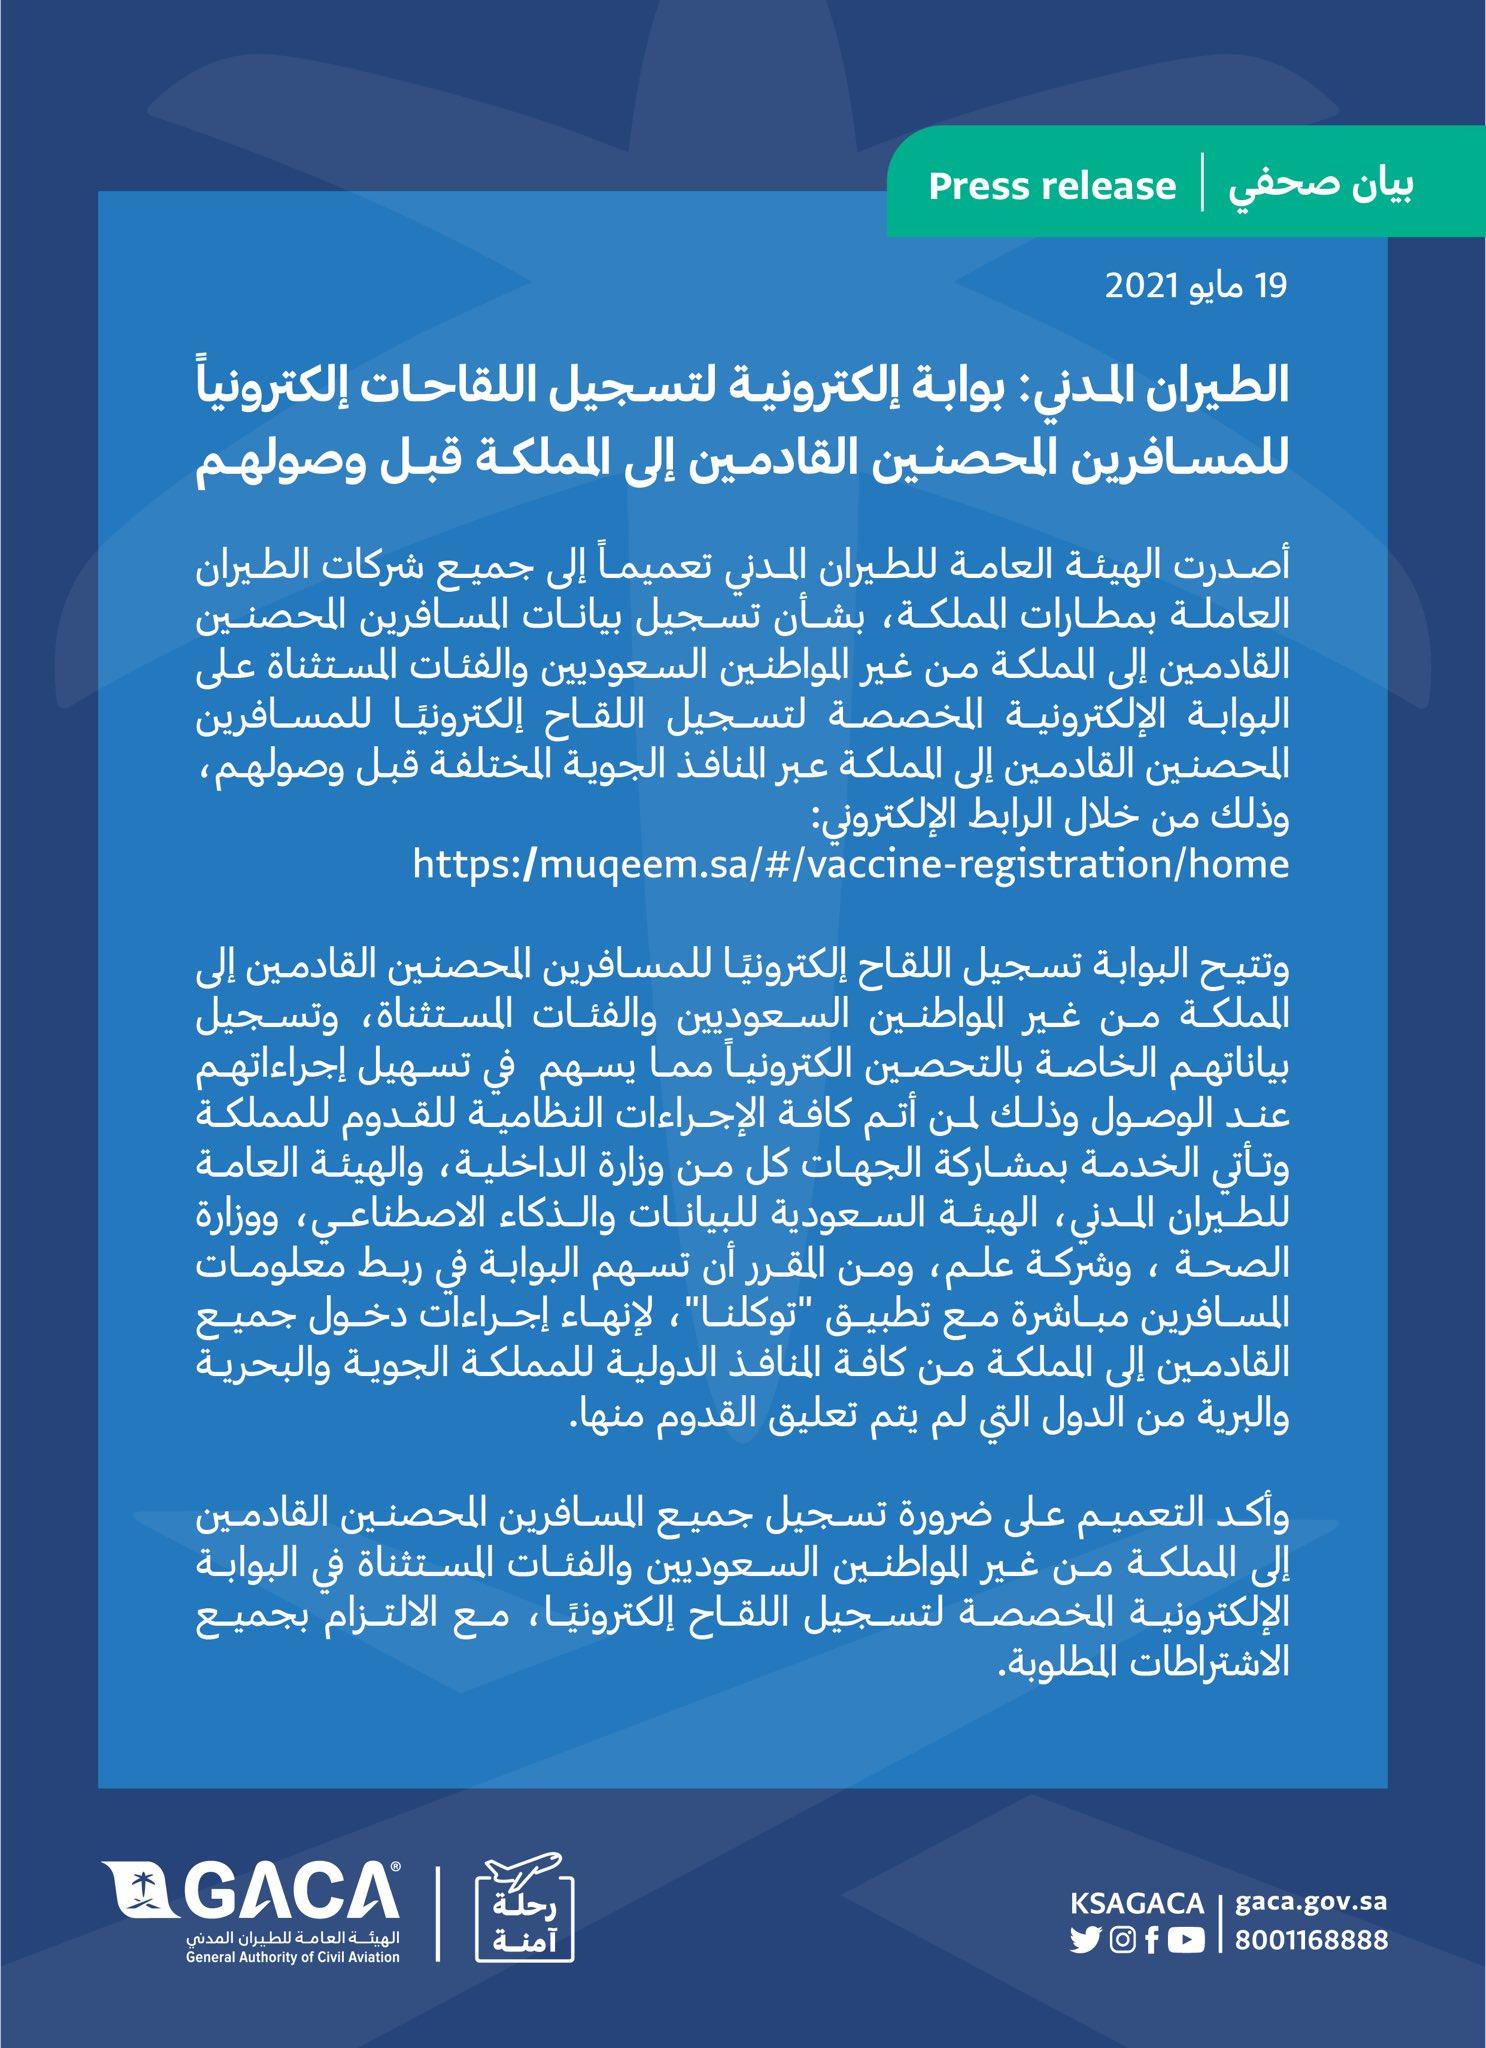 الهيئة العامة للطيران المدني السعودي